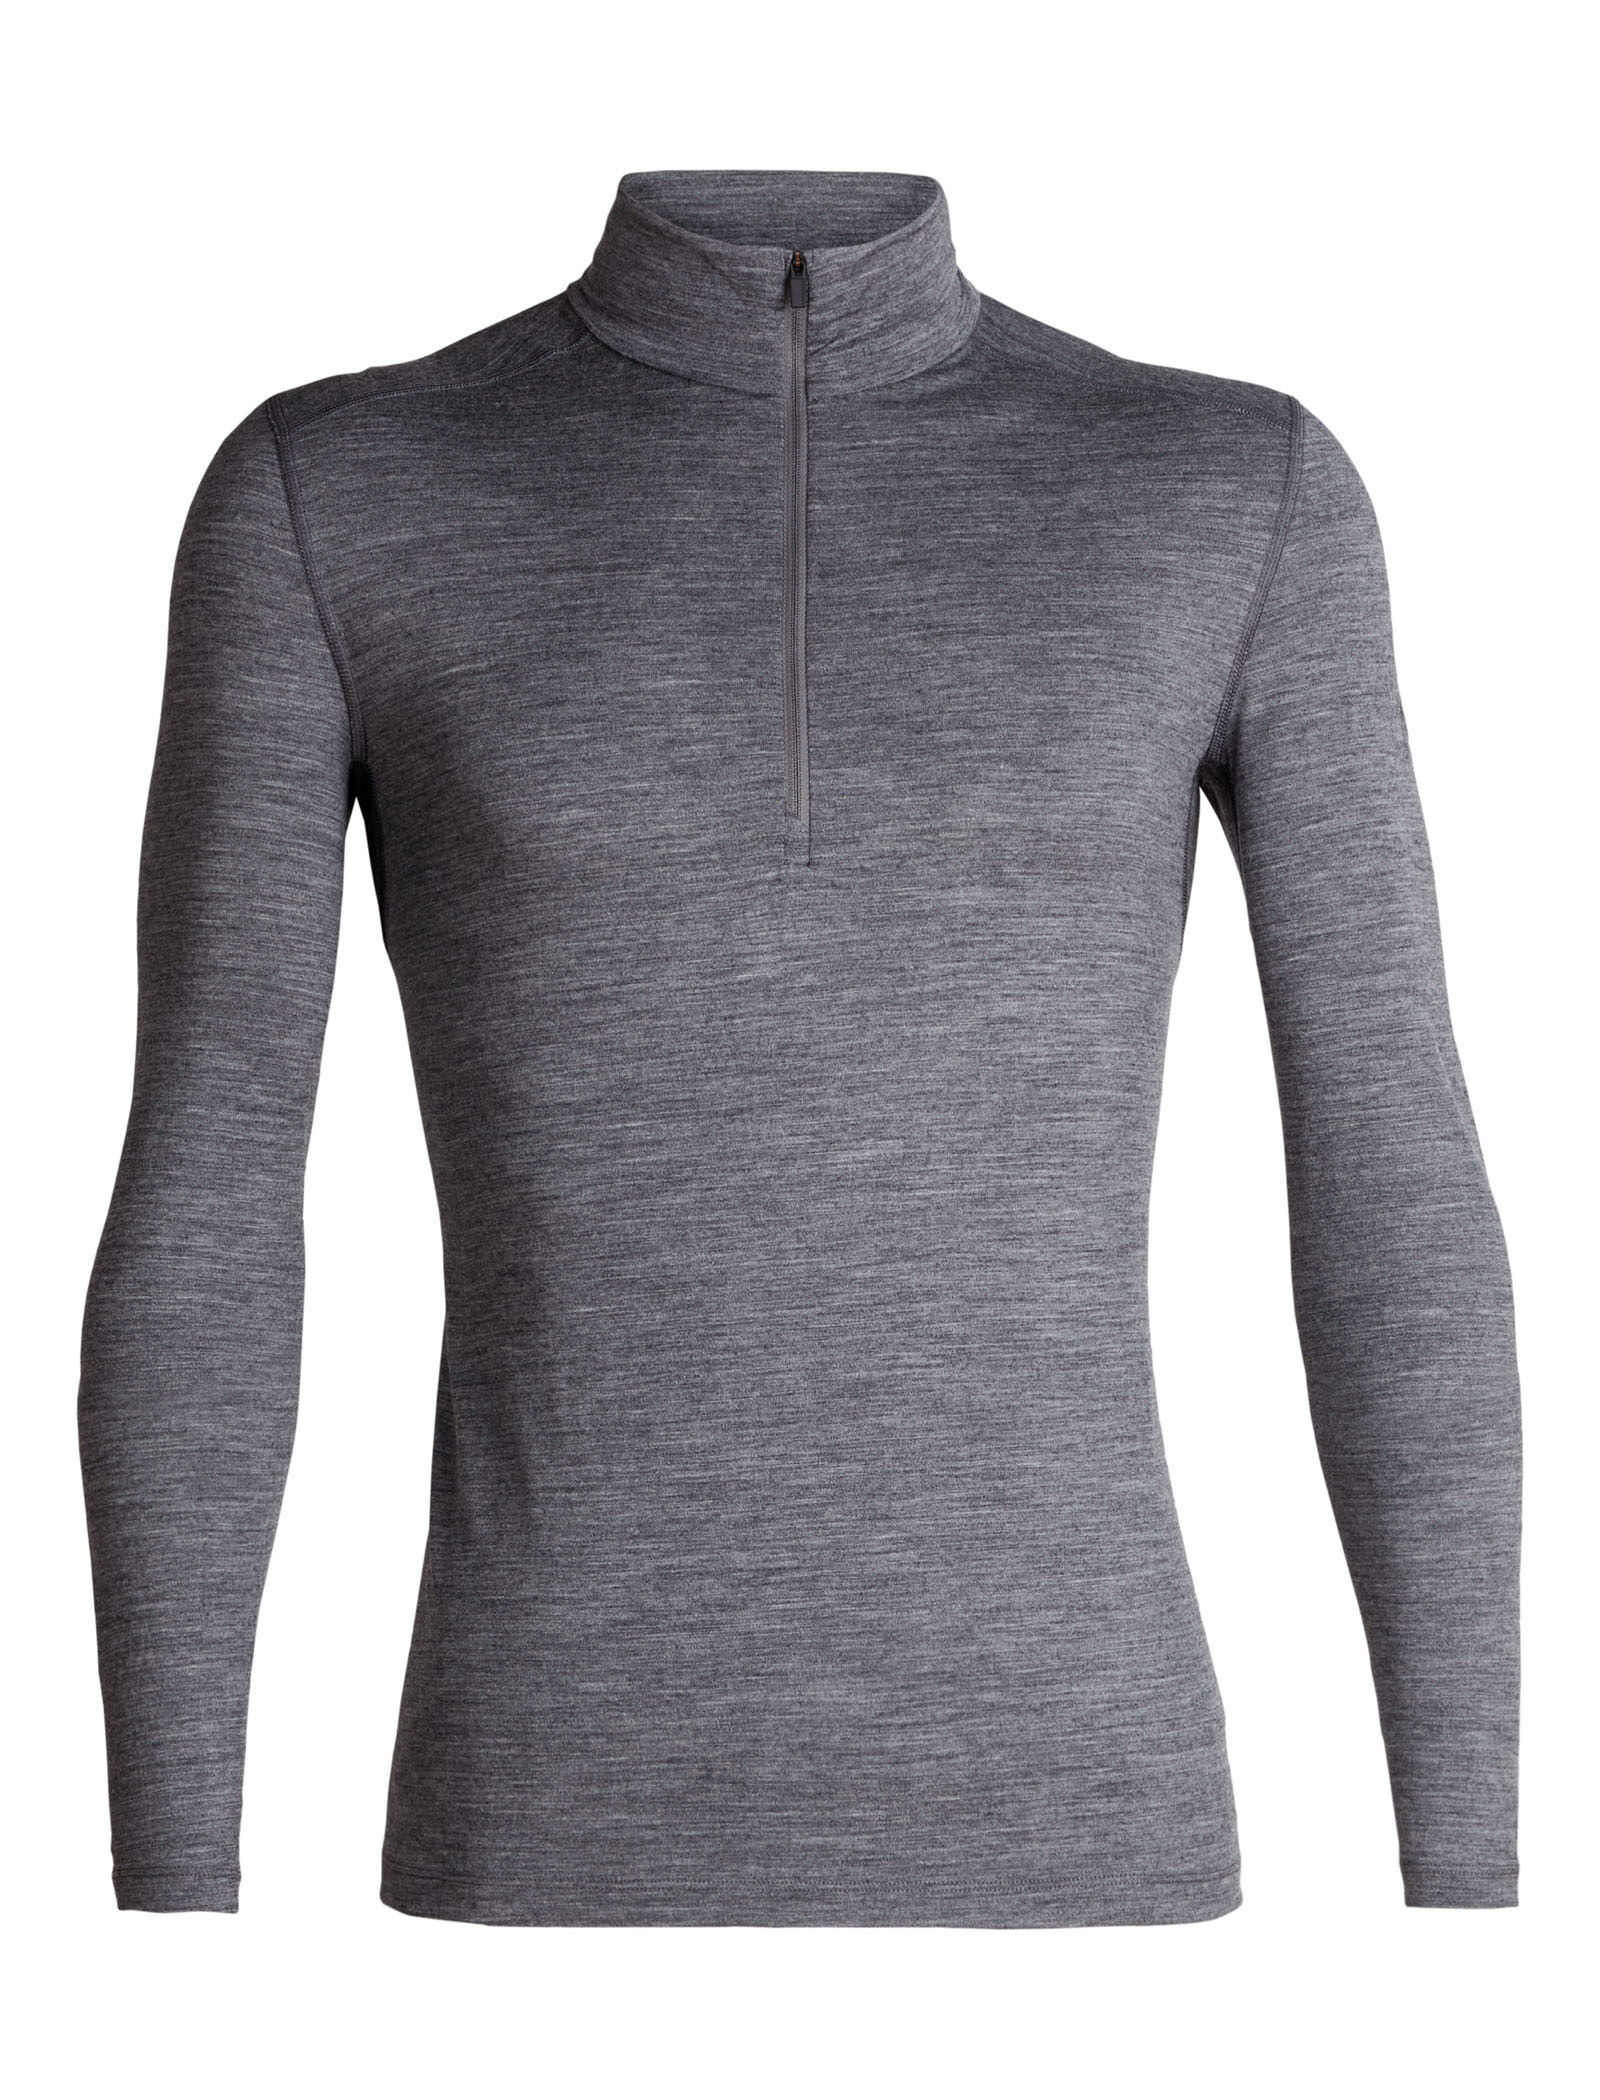 Merino Wool Icebreaker Merino Mens Oasis Midweight Base Layer Long Sleeve Half Zip Pullover Top